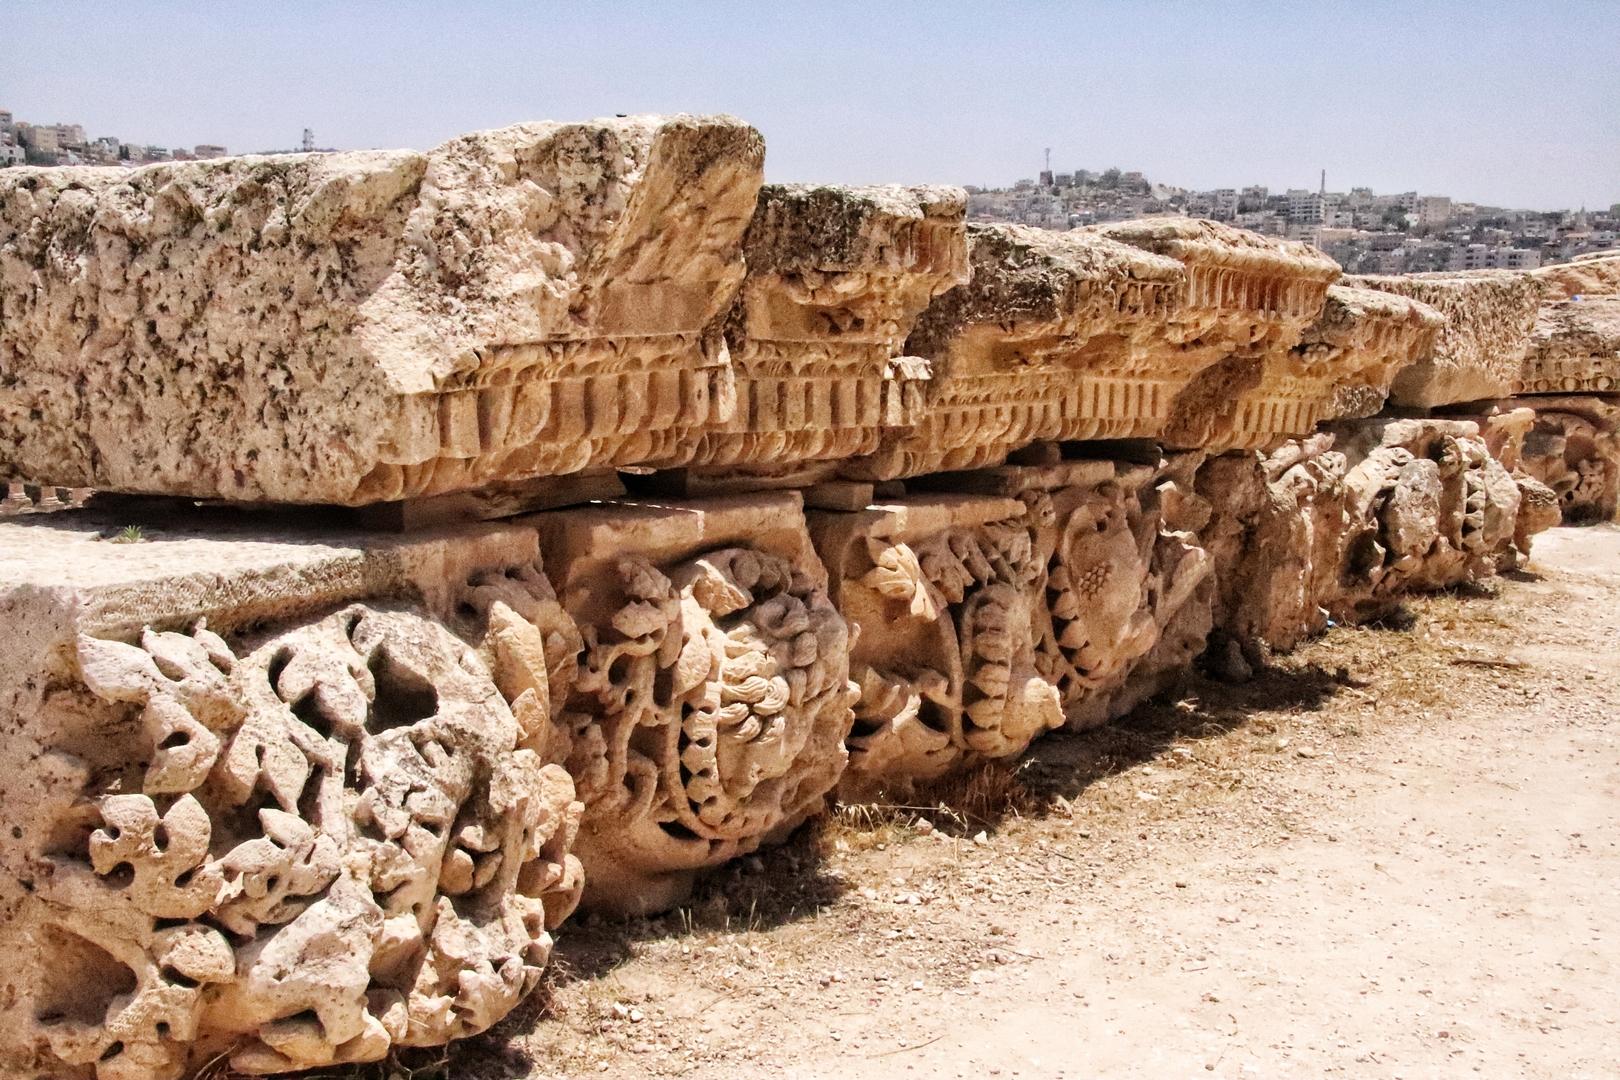 Jordanie - Détails de colonnes sur le site romain de Jerash